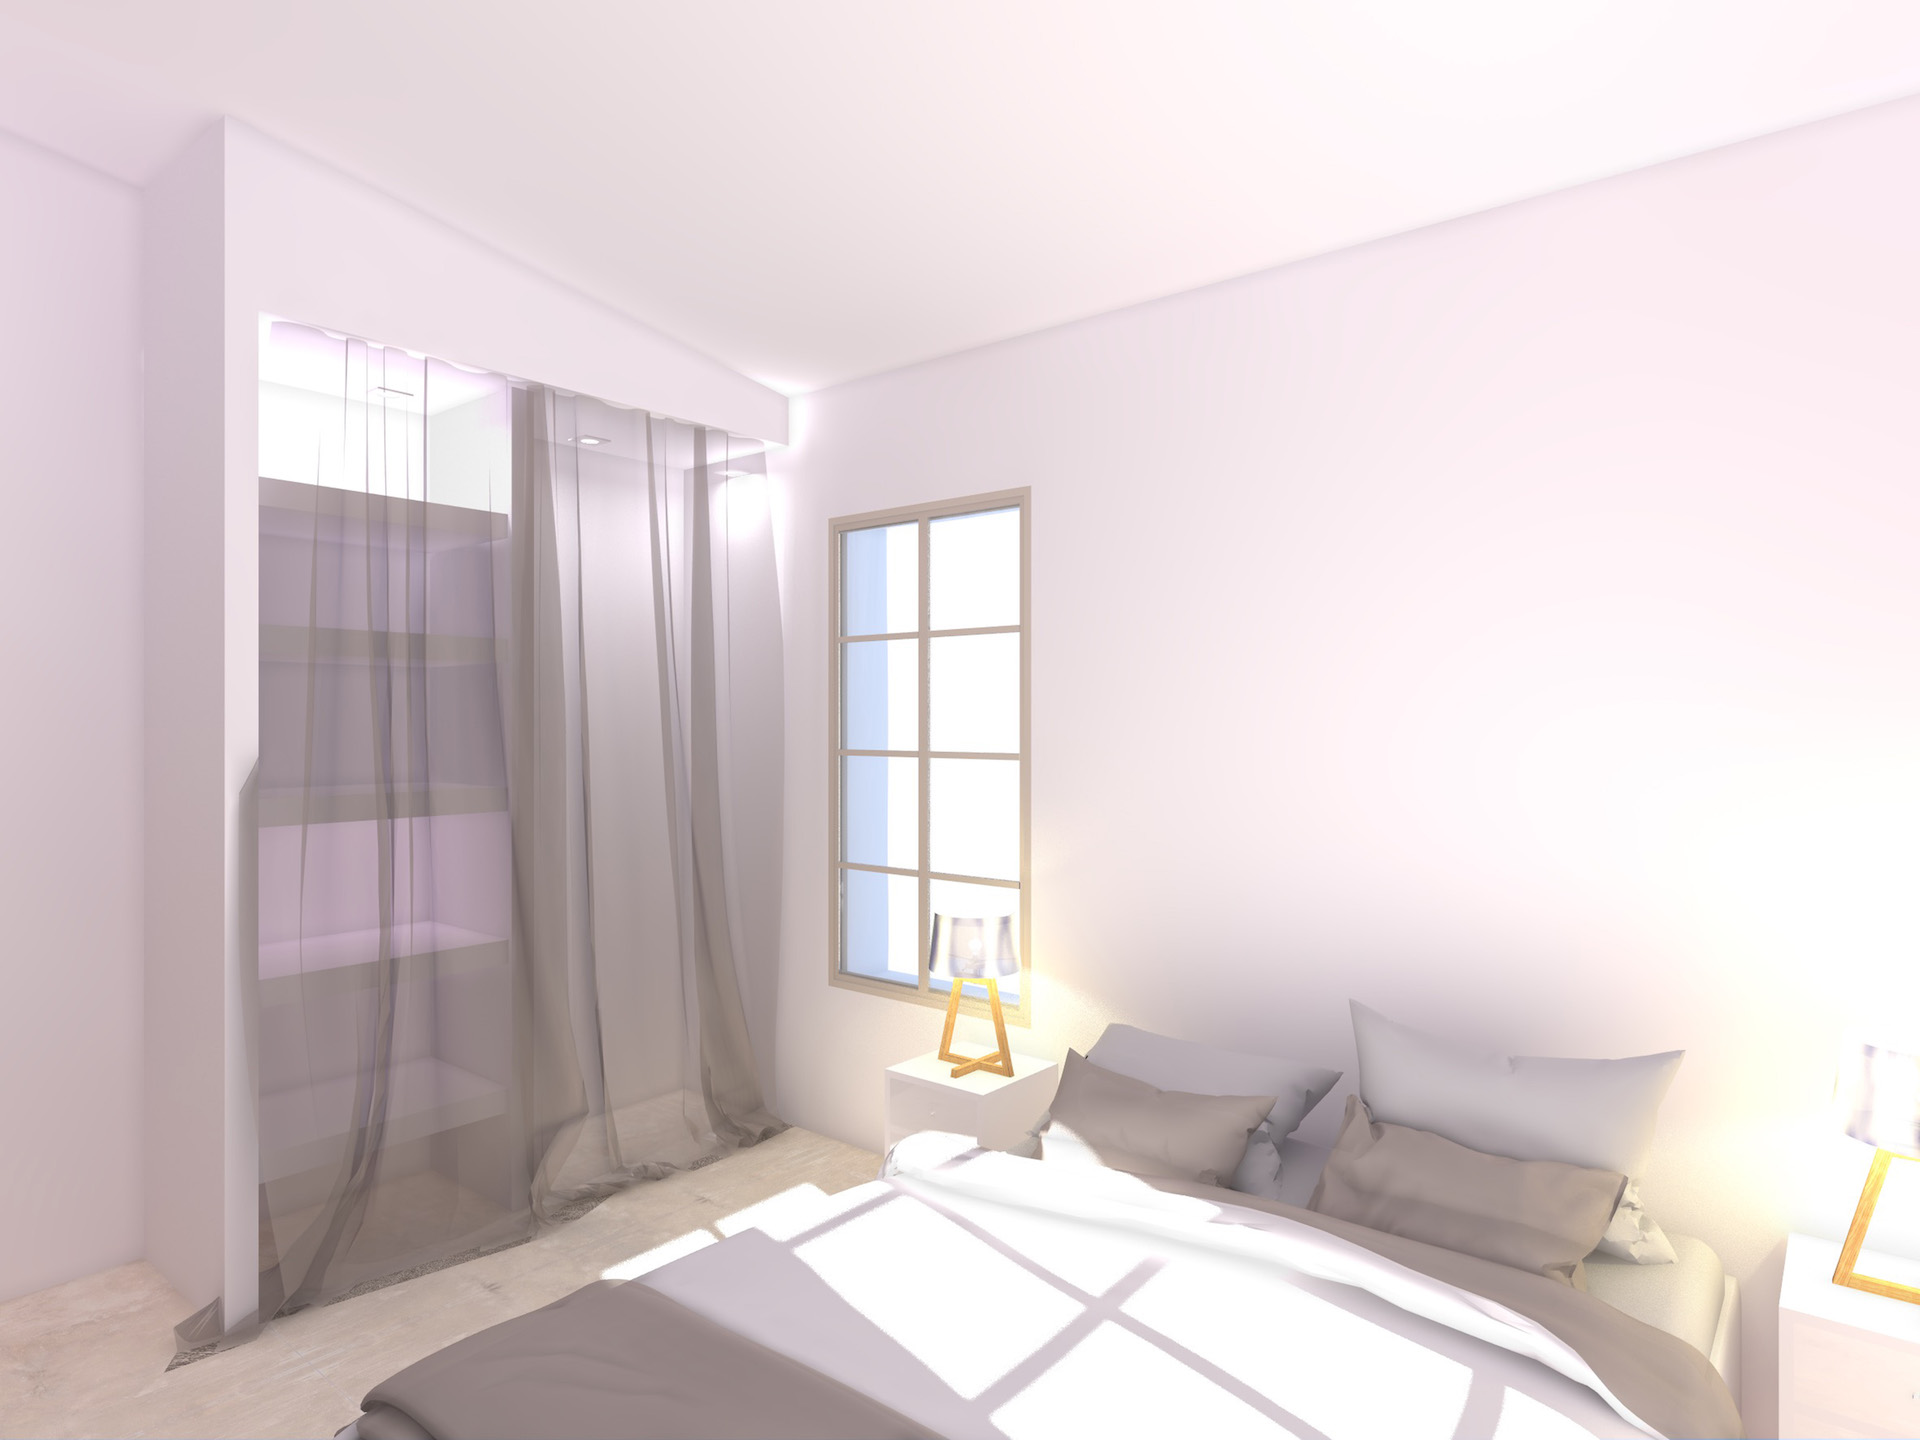 renovation-architecte-dintérieur-Mas-de-guerrevieille-3